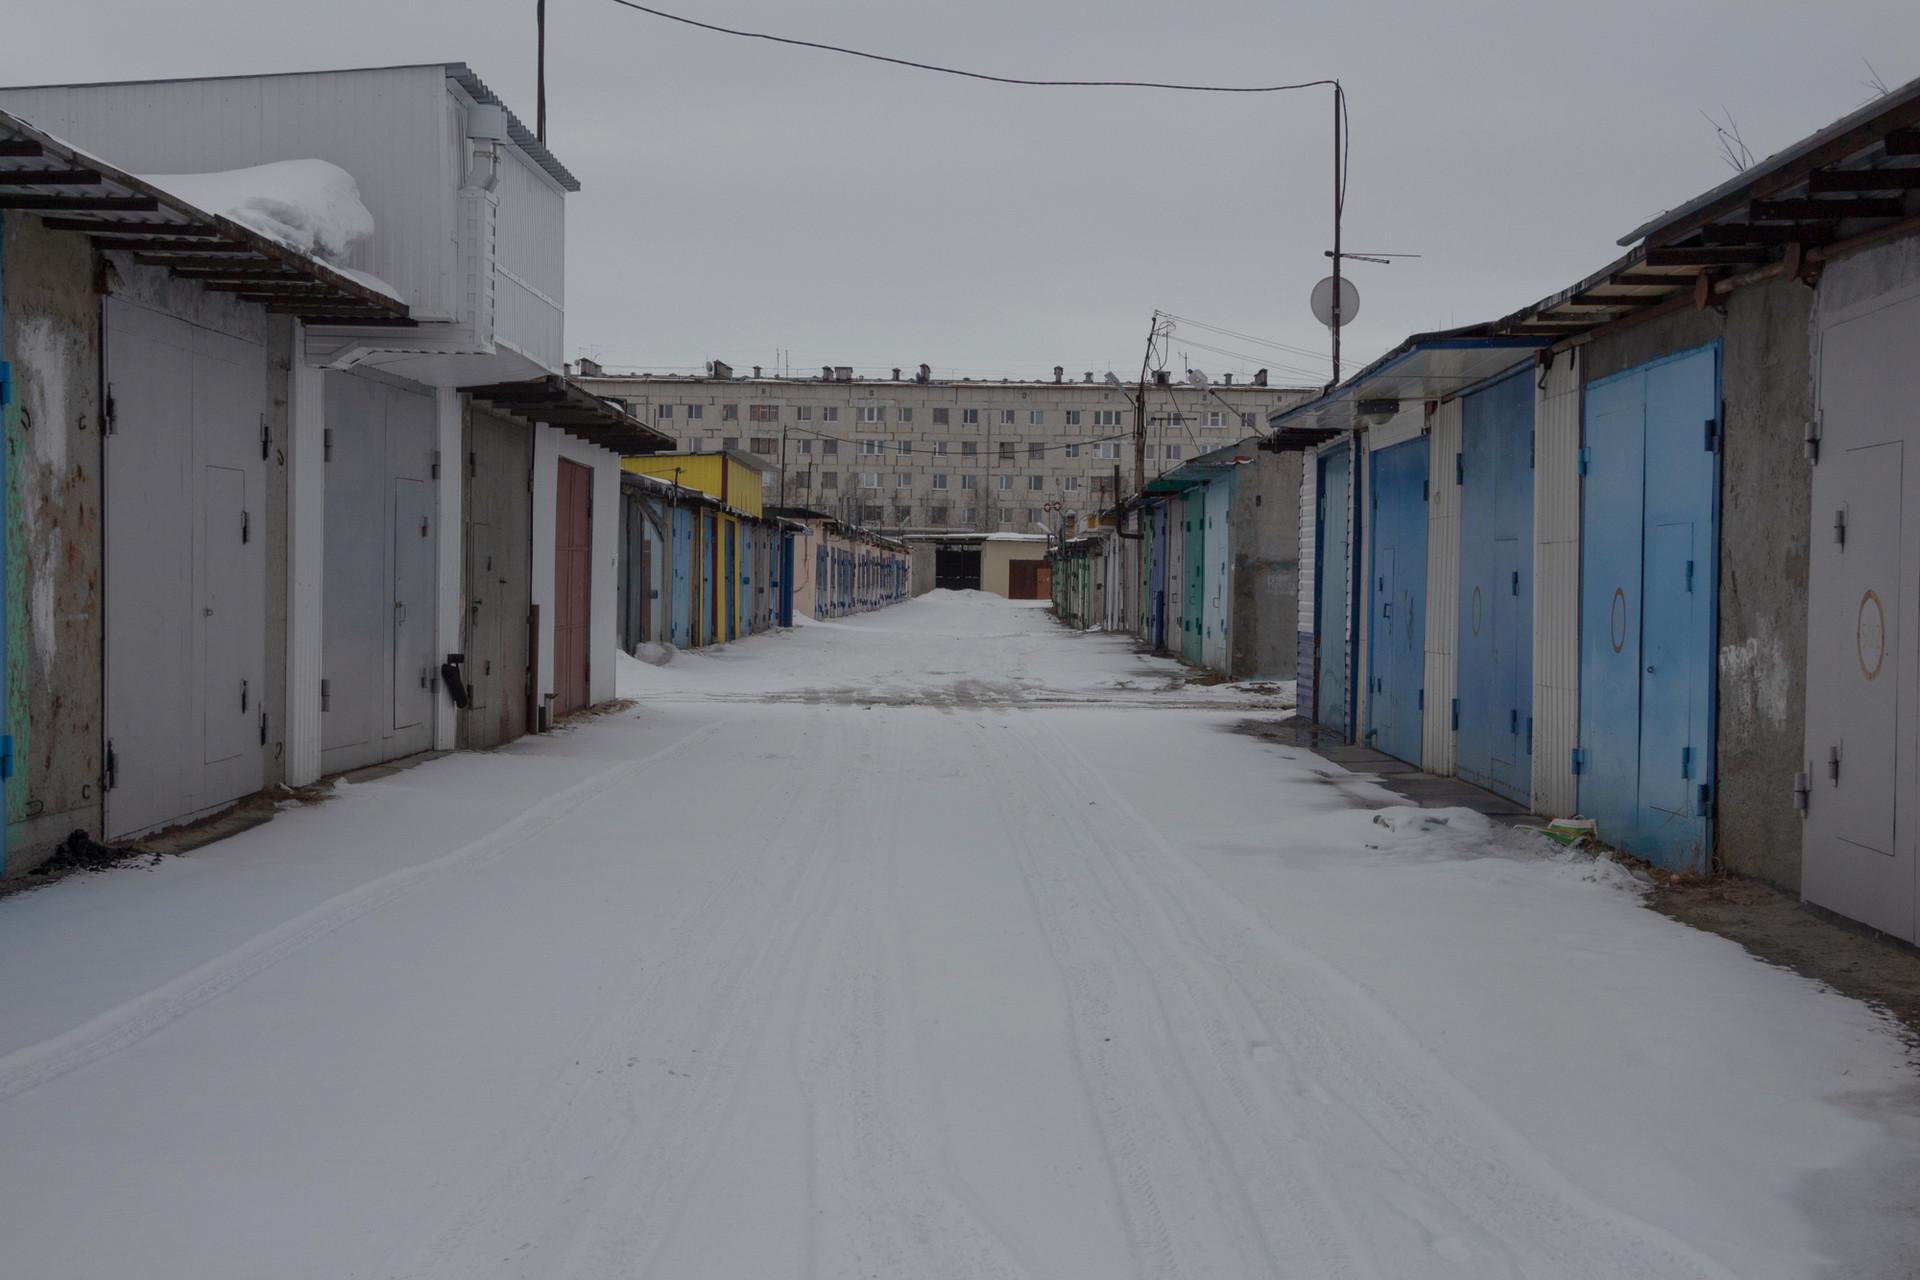 ロシア北方の典型的な共同ガレージ。